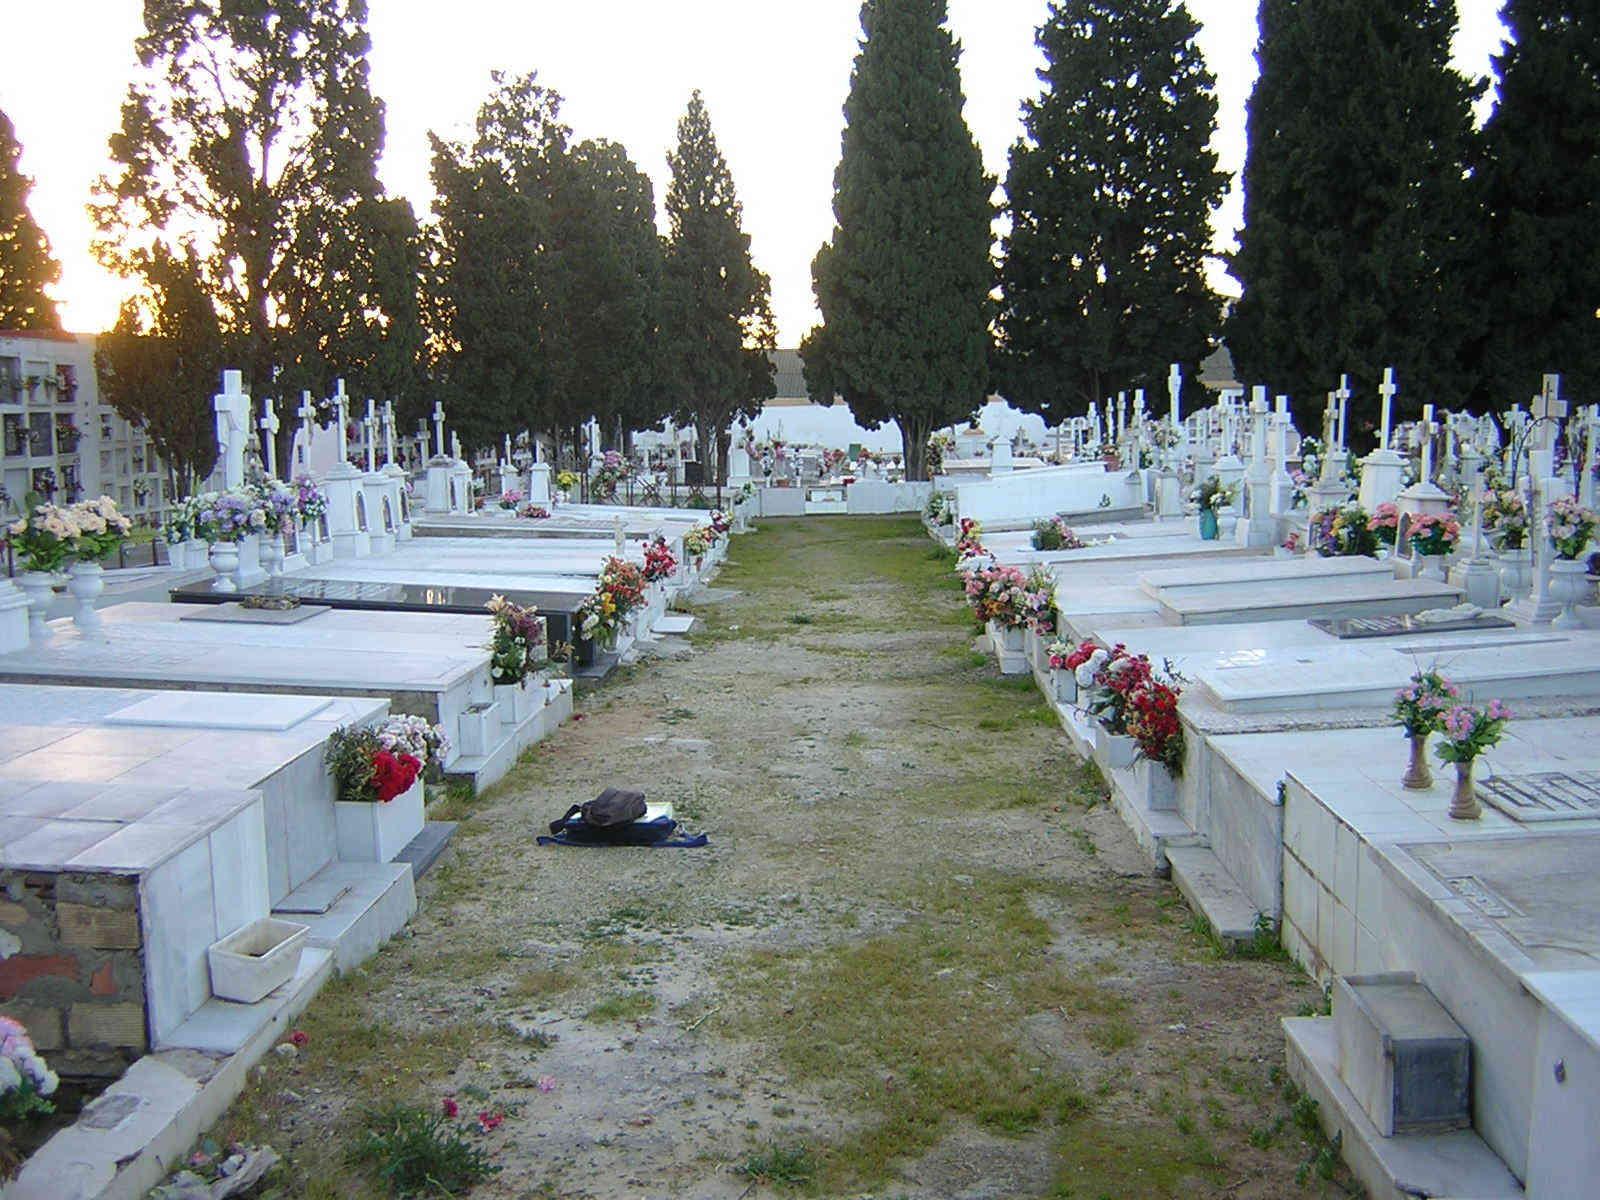 El Ayuntamiento amplía el horario de visita del Cementerio Municipal para el Día de los Difuntos